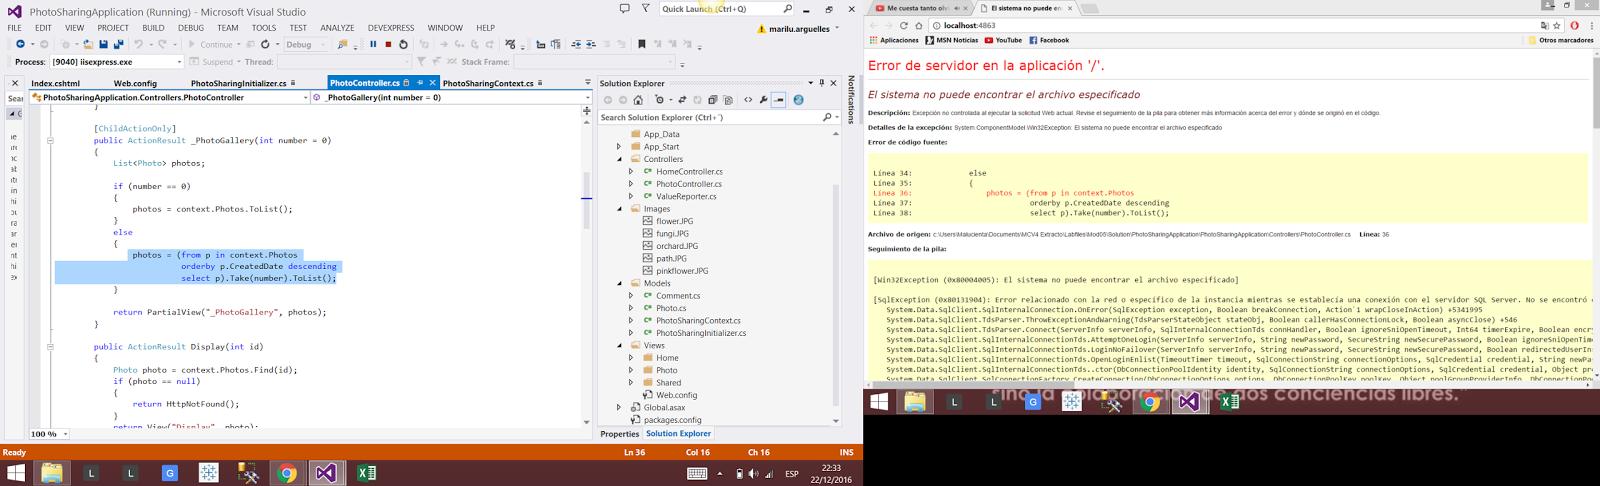 Pedacitos de Programación C# y SQL: 2016